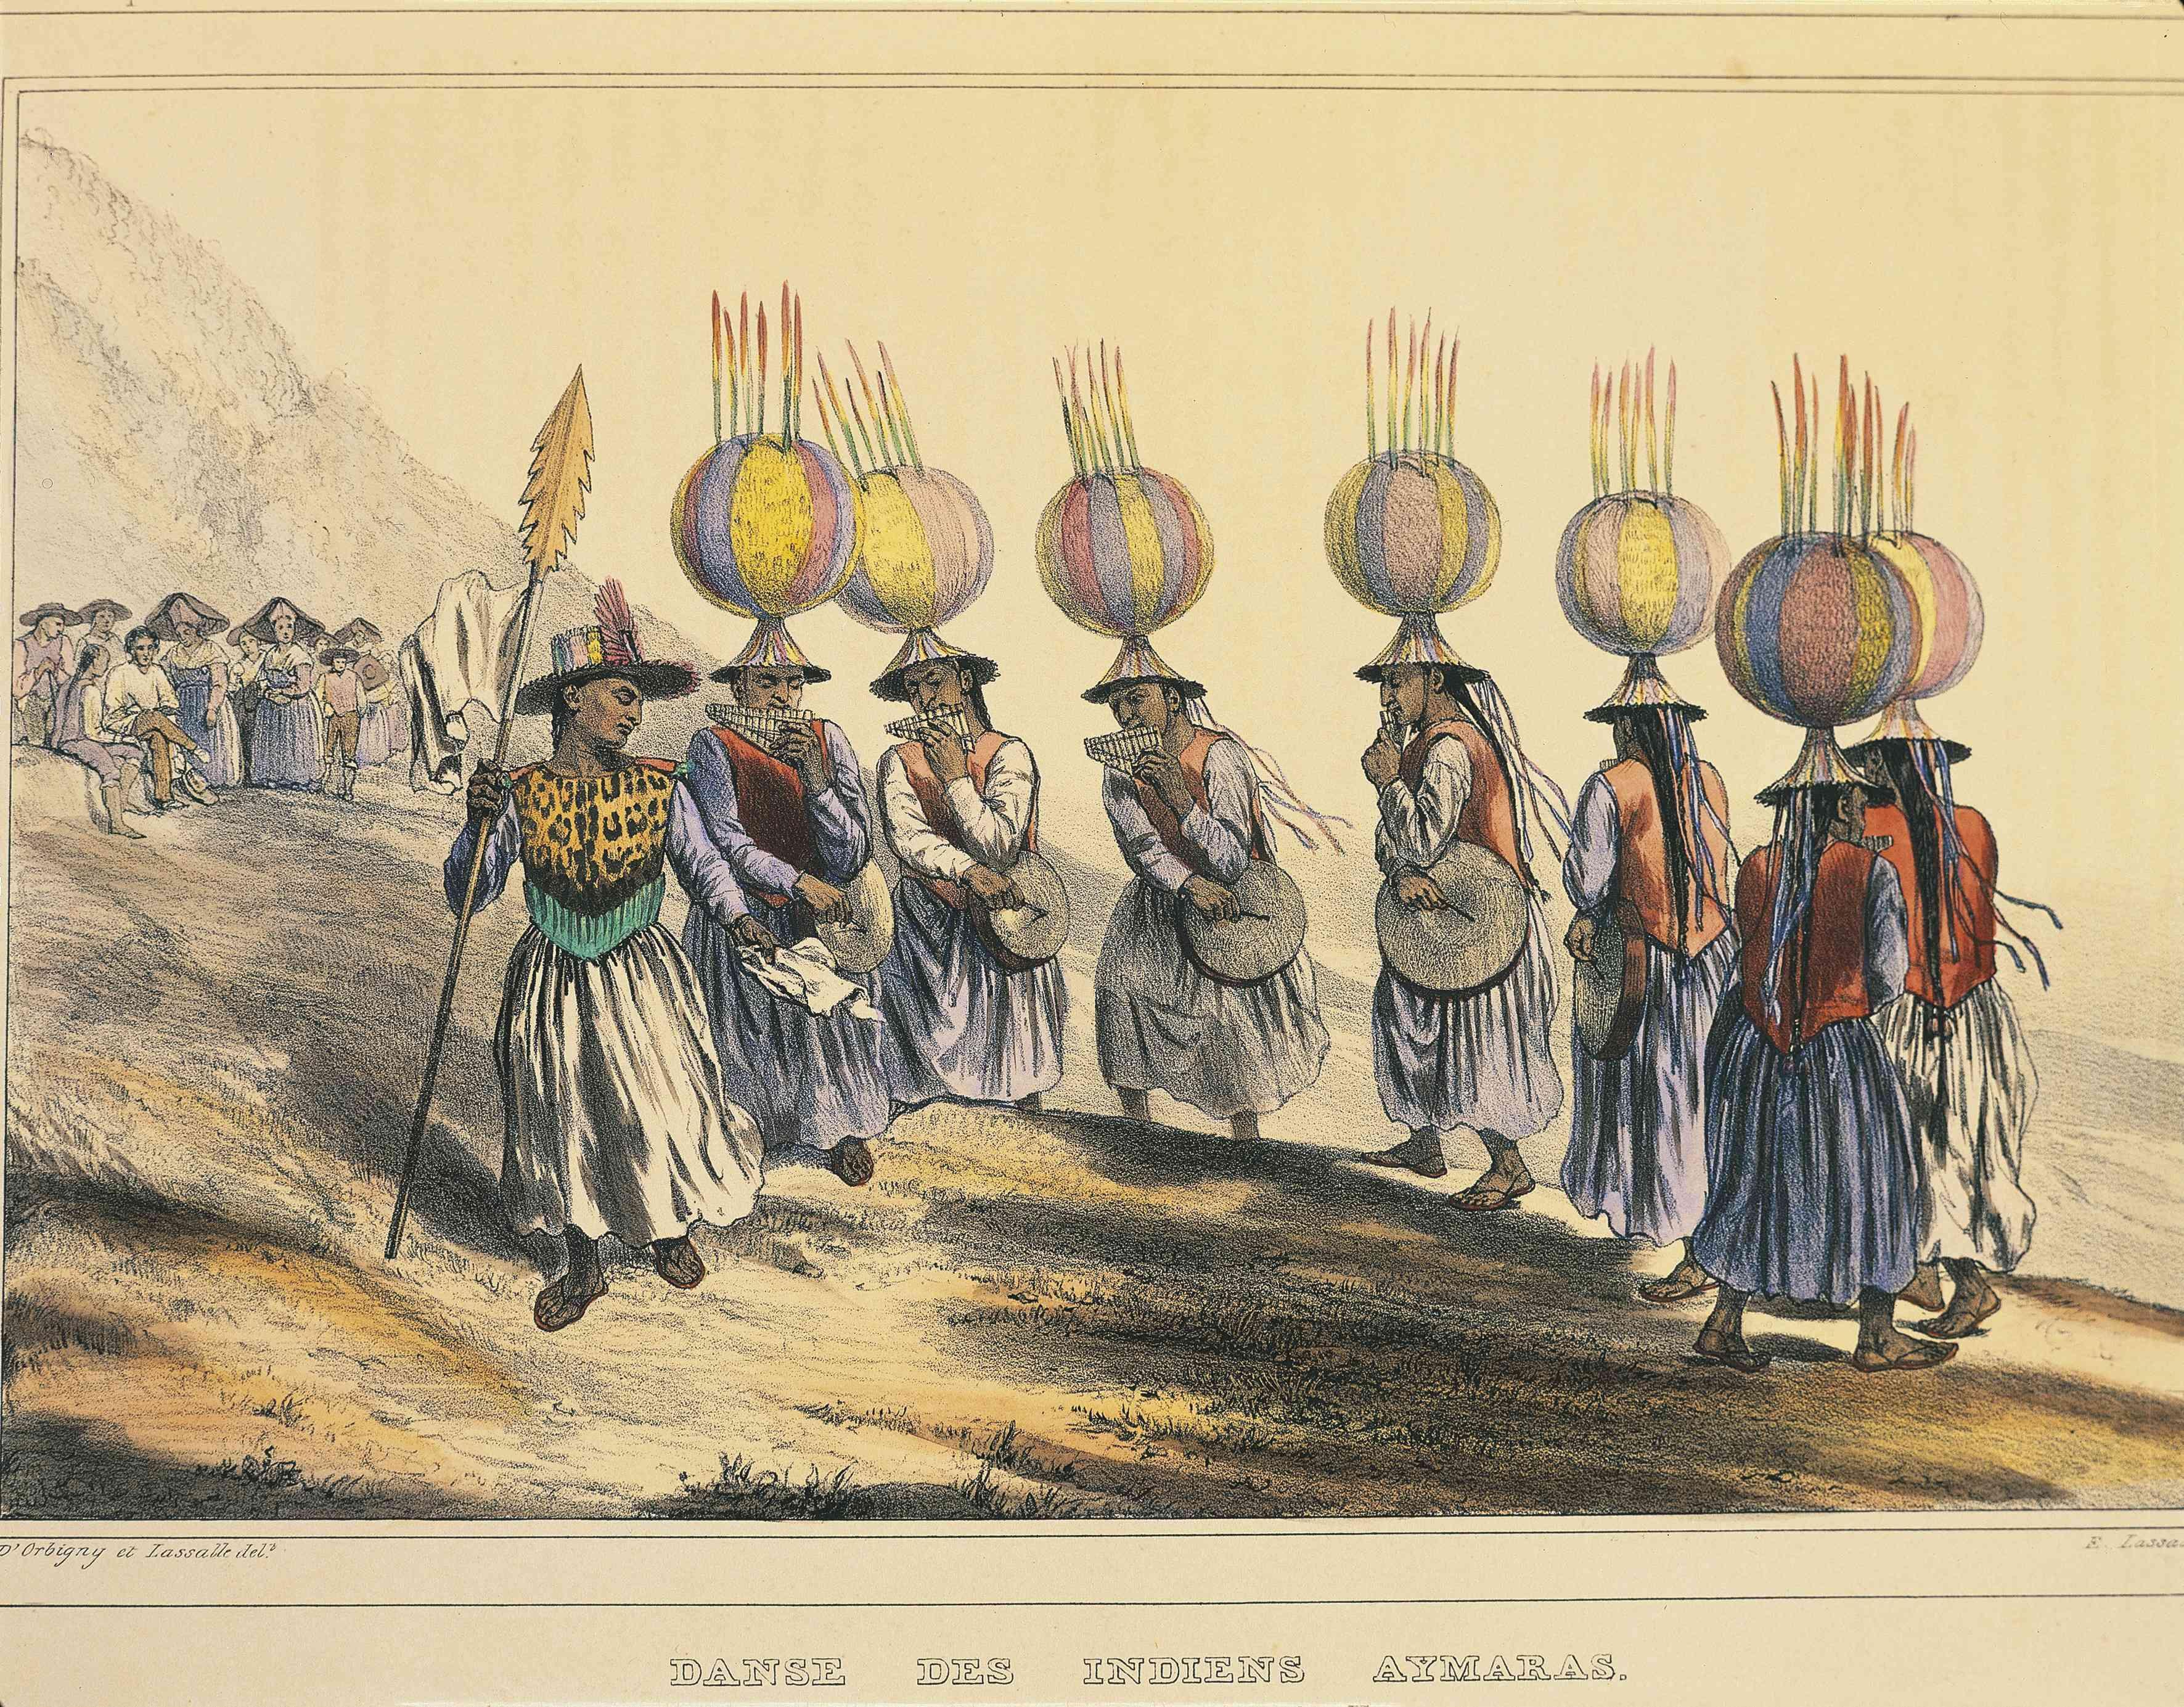 Aymara Indian dance, Bolivia, 1833